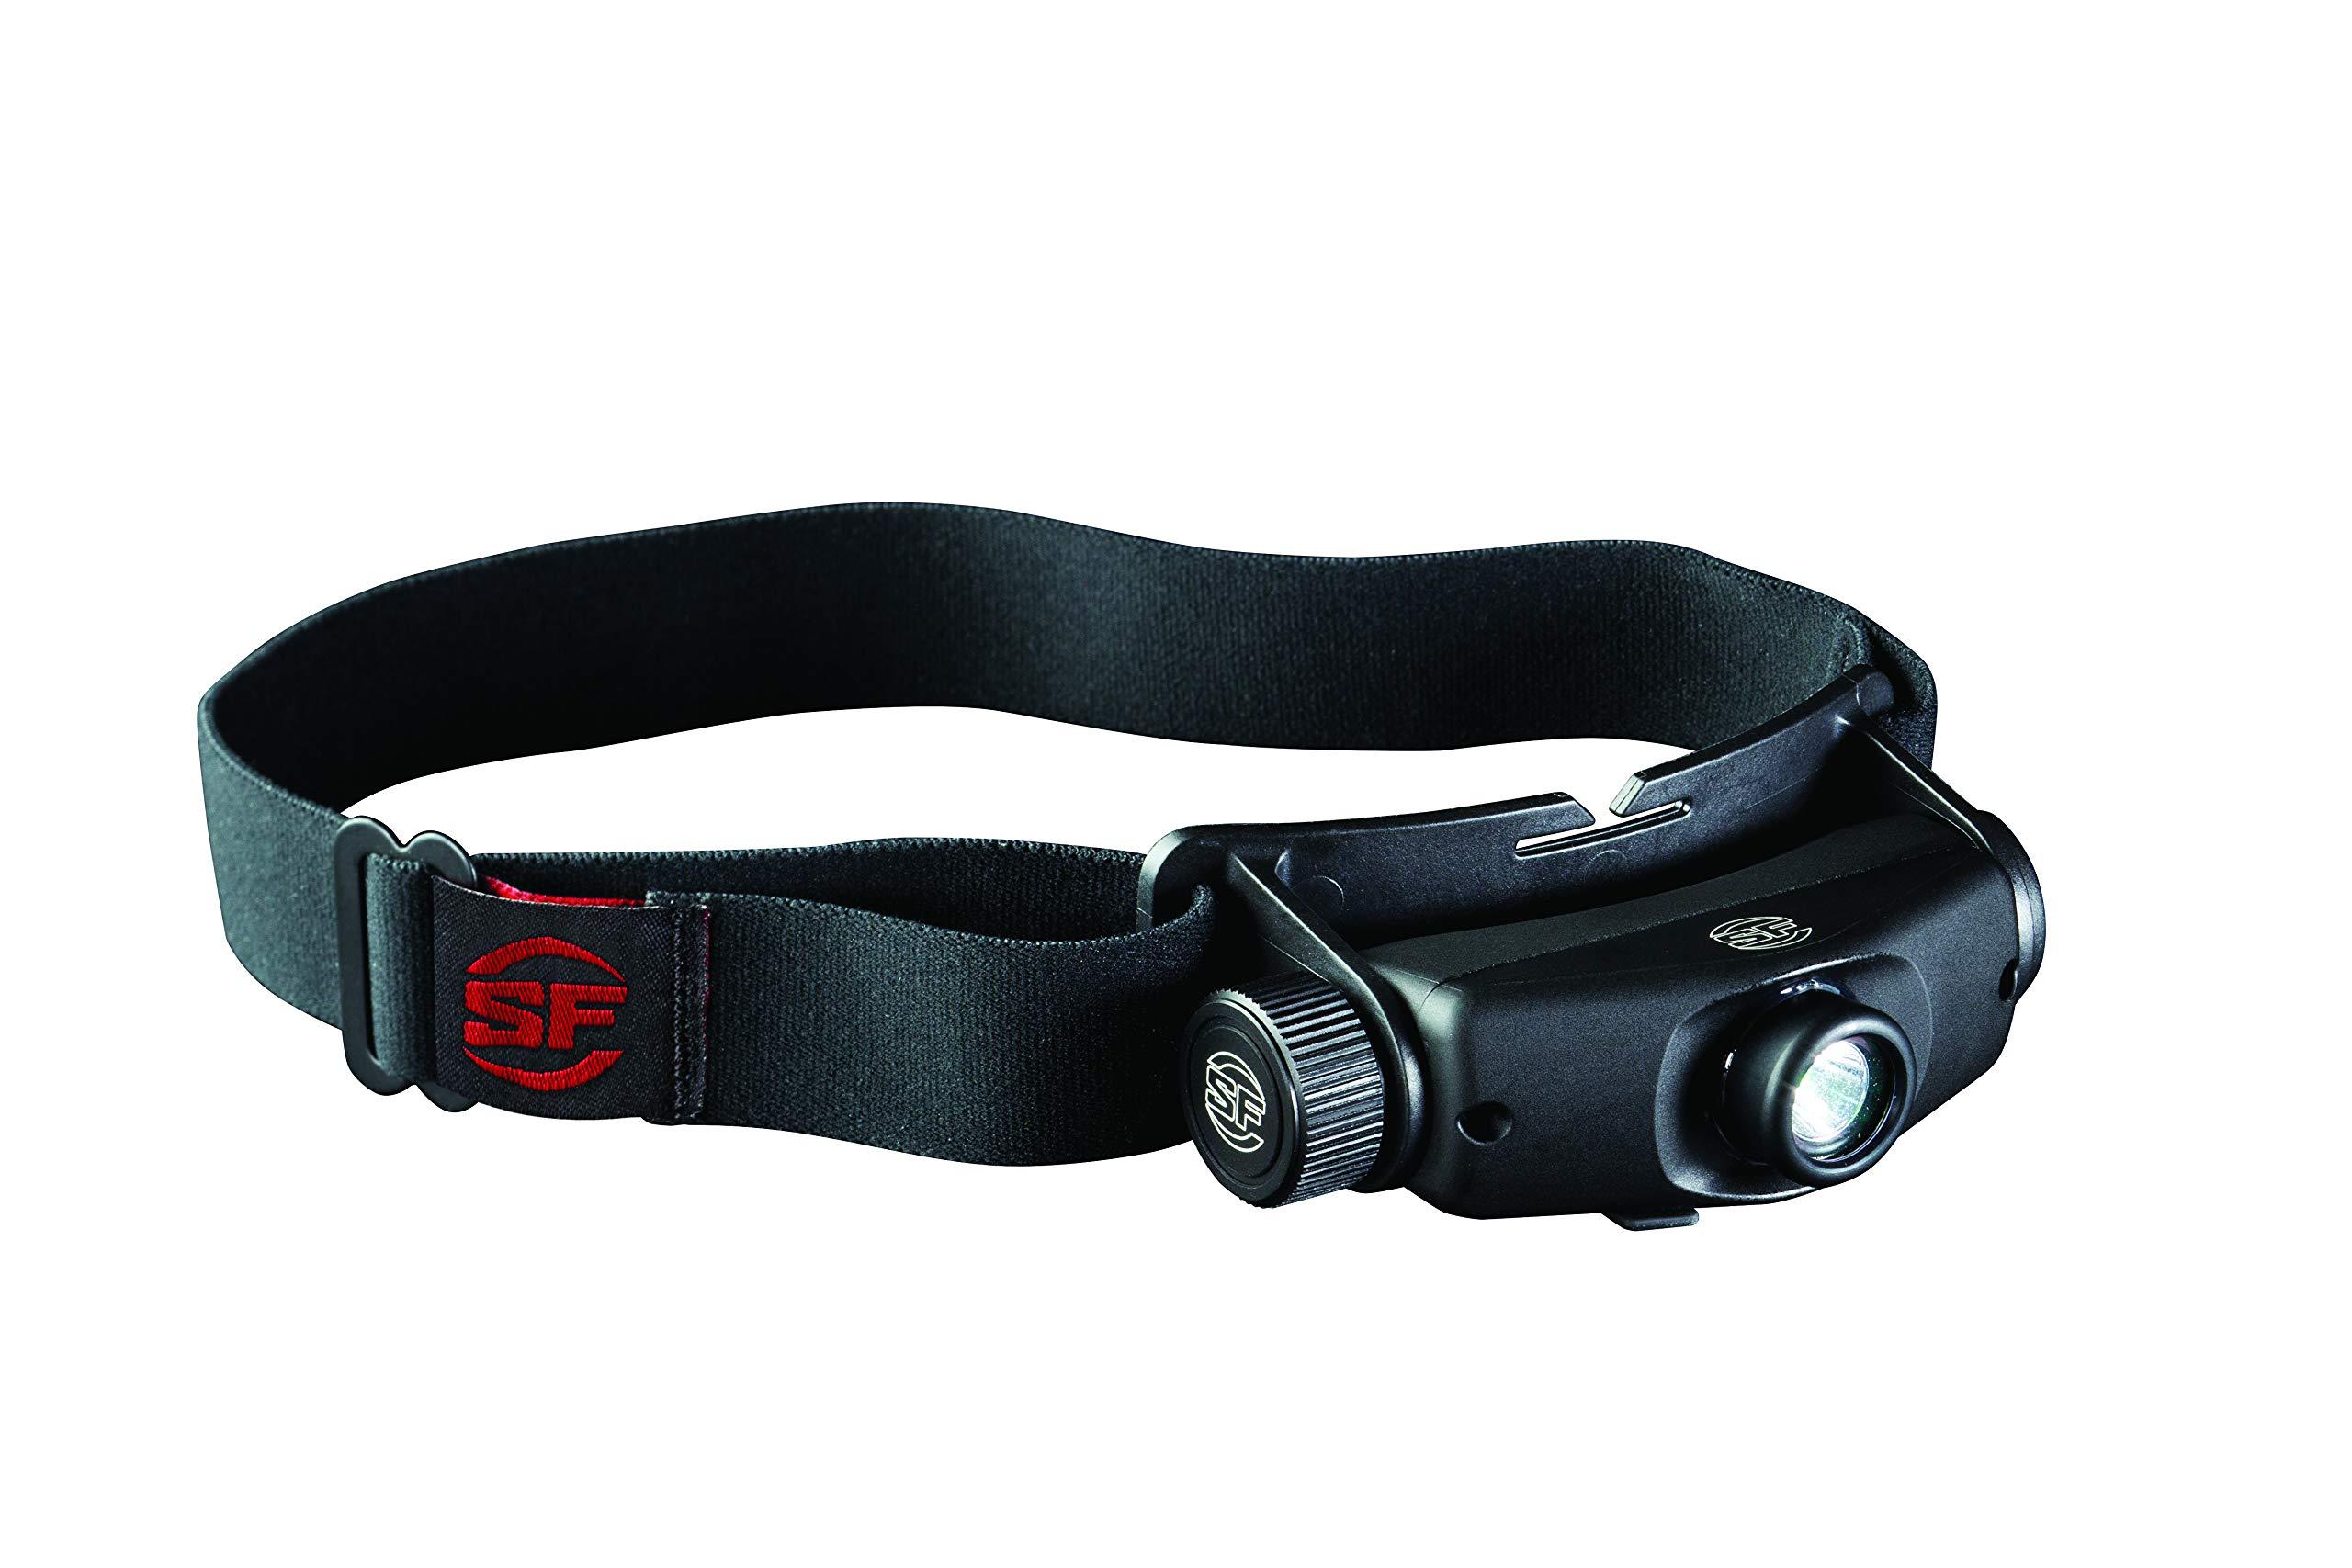 SureFire HS3-A-BK Maximus Rechargeable Variable-Output LED Headlamp by SureFire